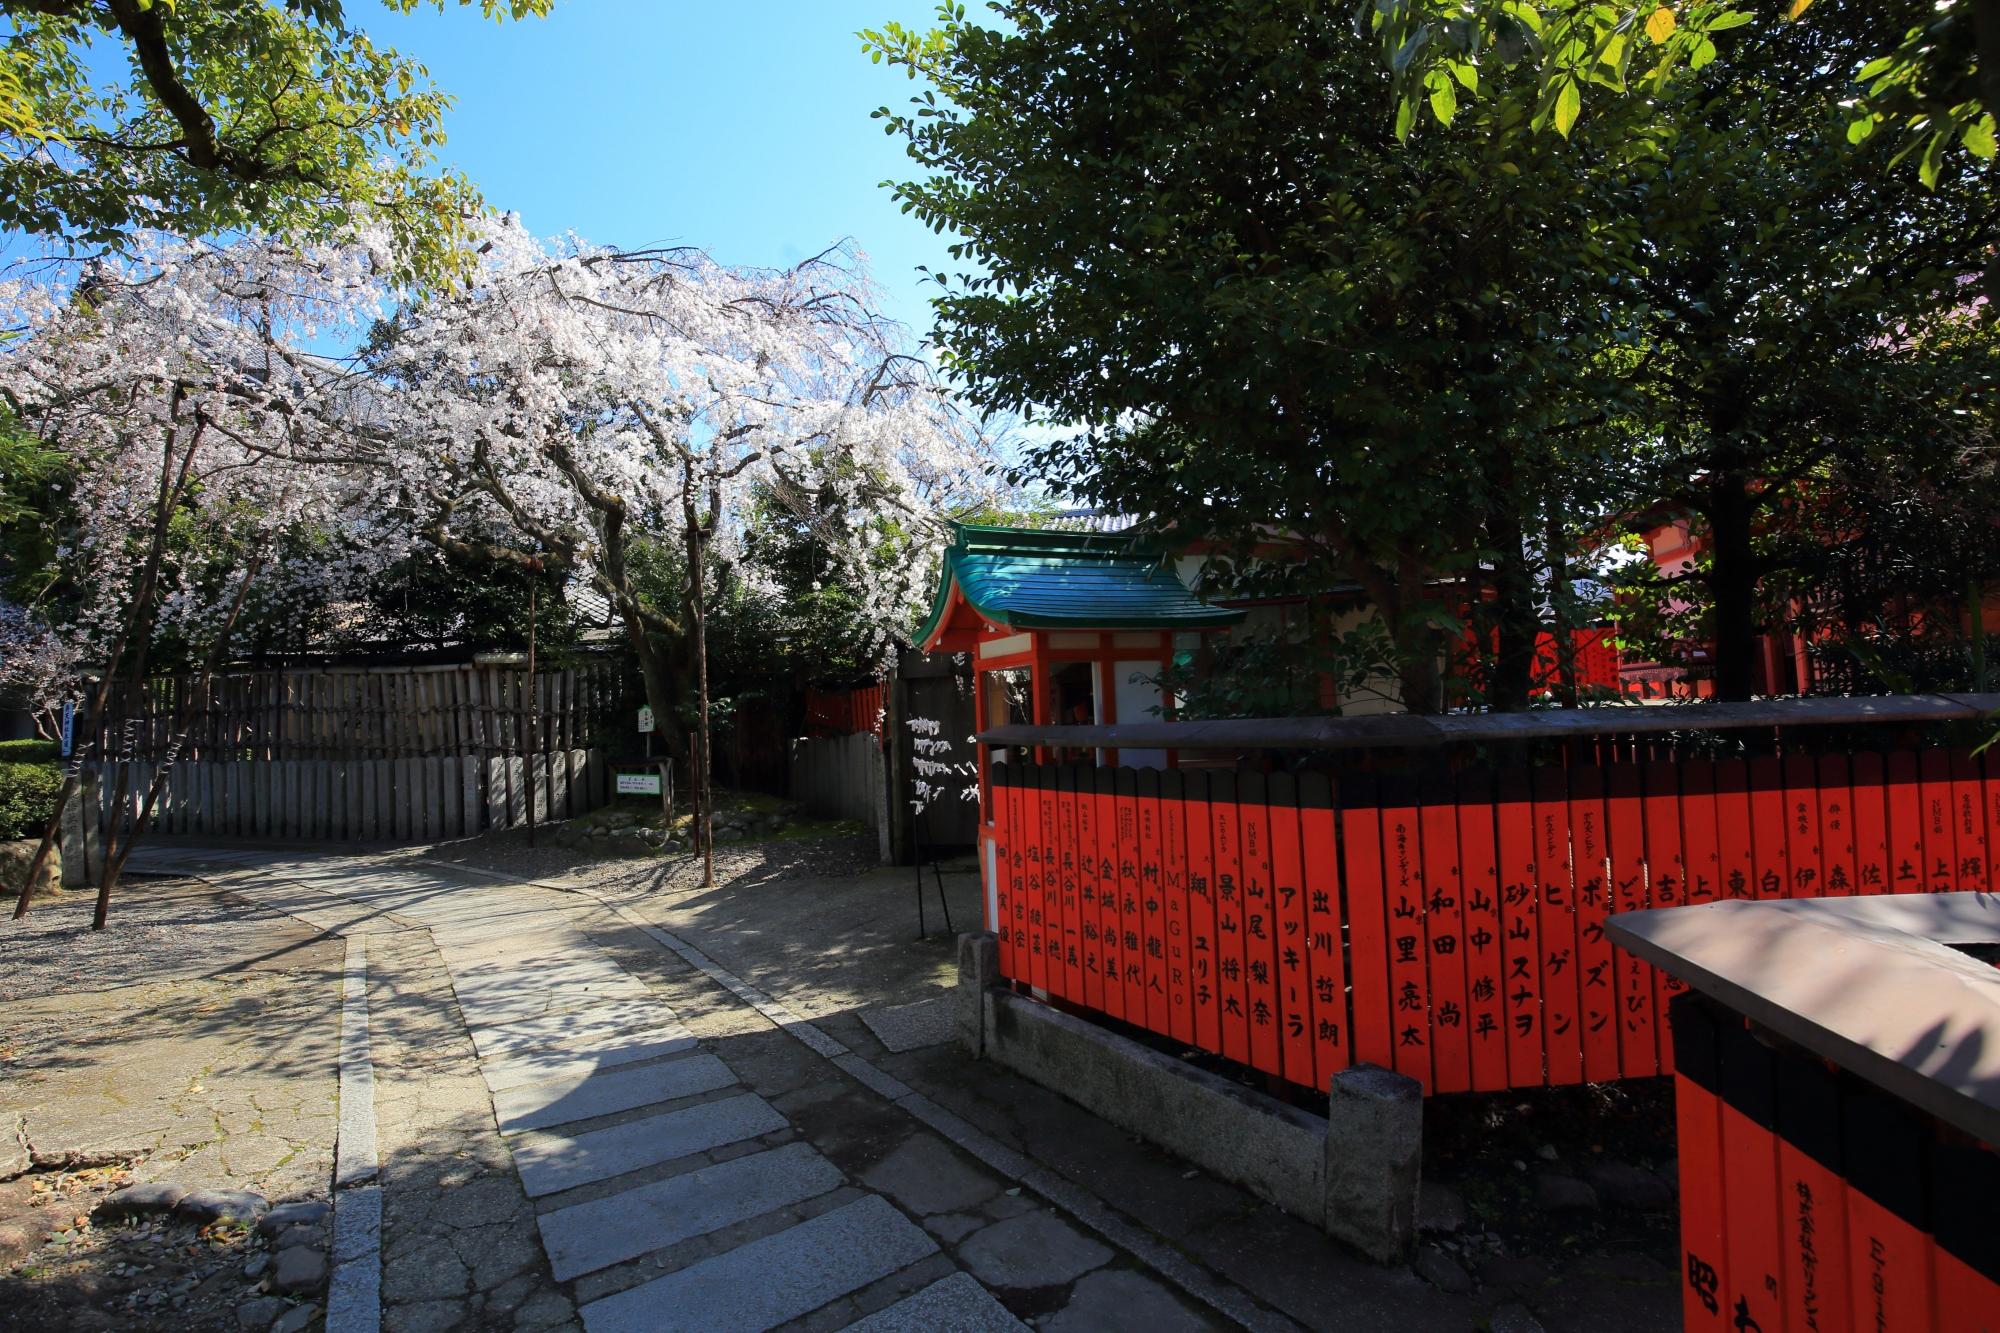 車折神社の早咲きの渓仙桜(けいせんざくら)